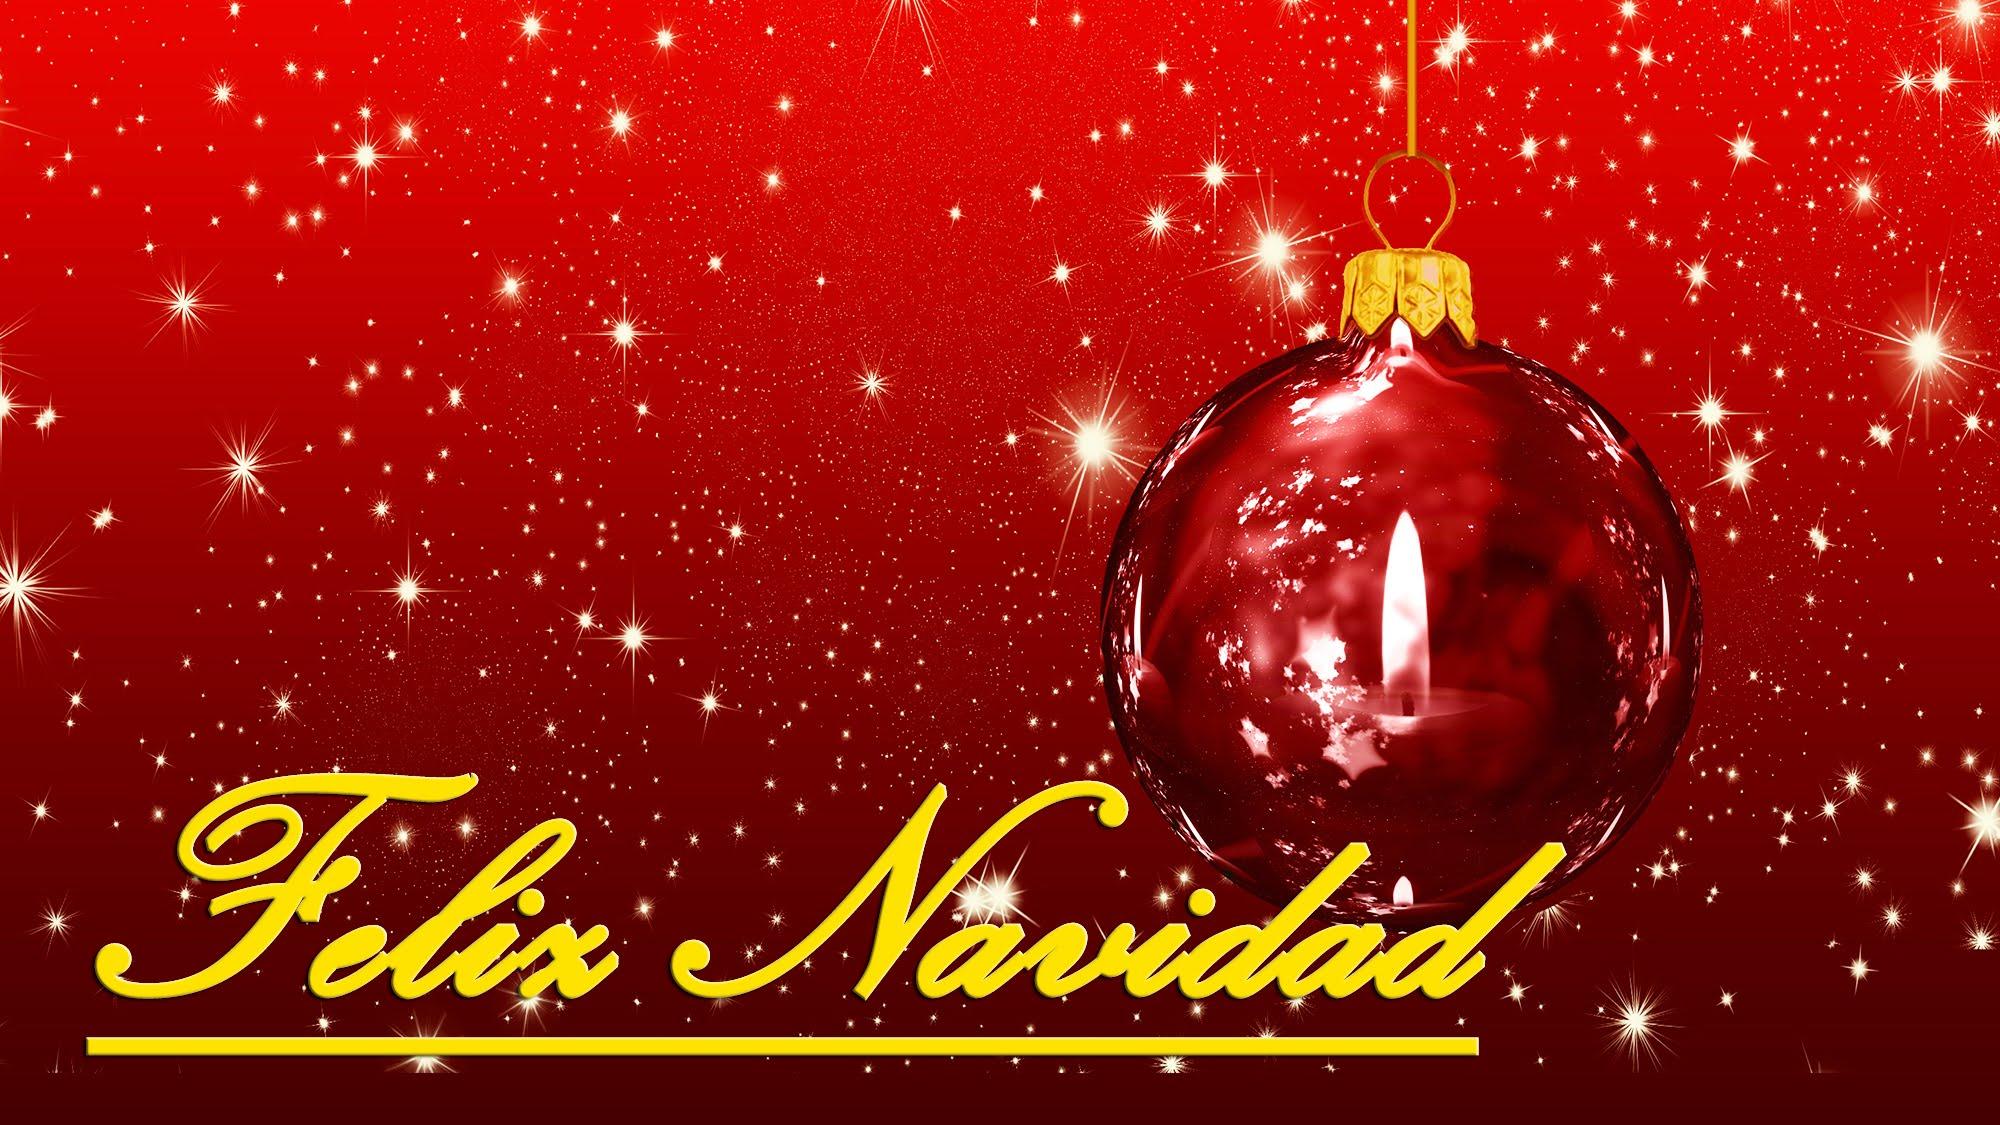 Congratulazioni natalizie gratuite per WhatsApp 1